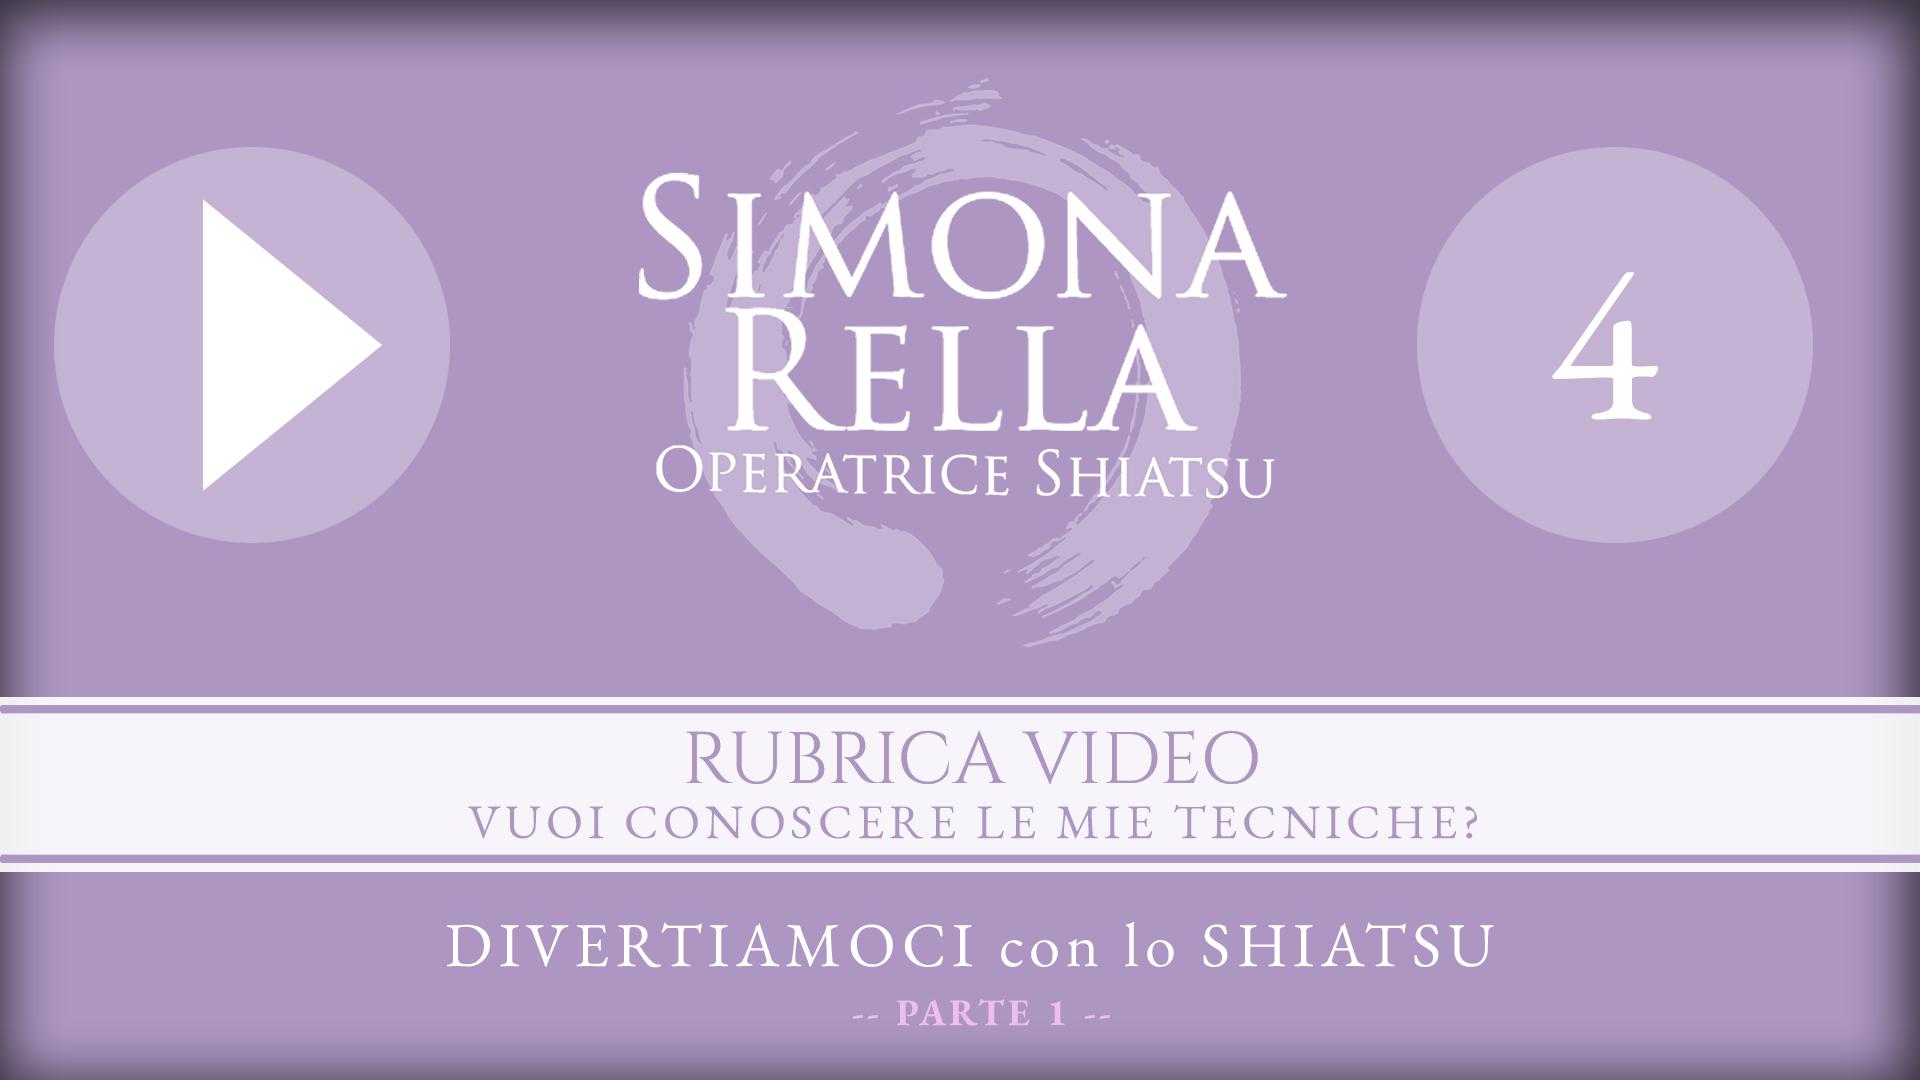 shiatsu__simona-rella__RUBRICA-VIDEO-4__DIVERTIAMOCI-con-lo-SHIATSU__PARTE-1__